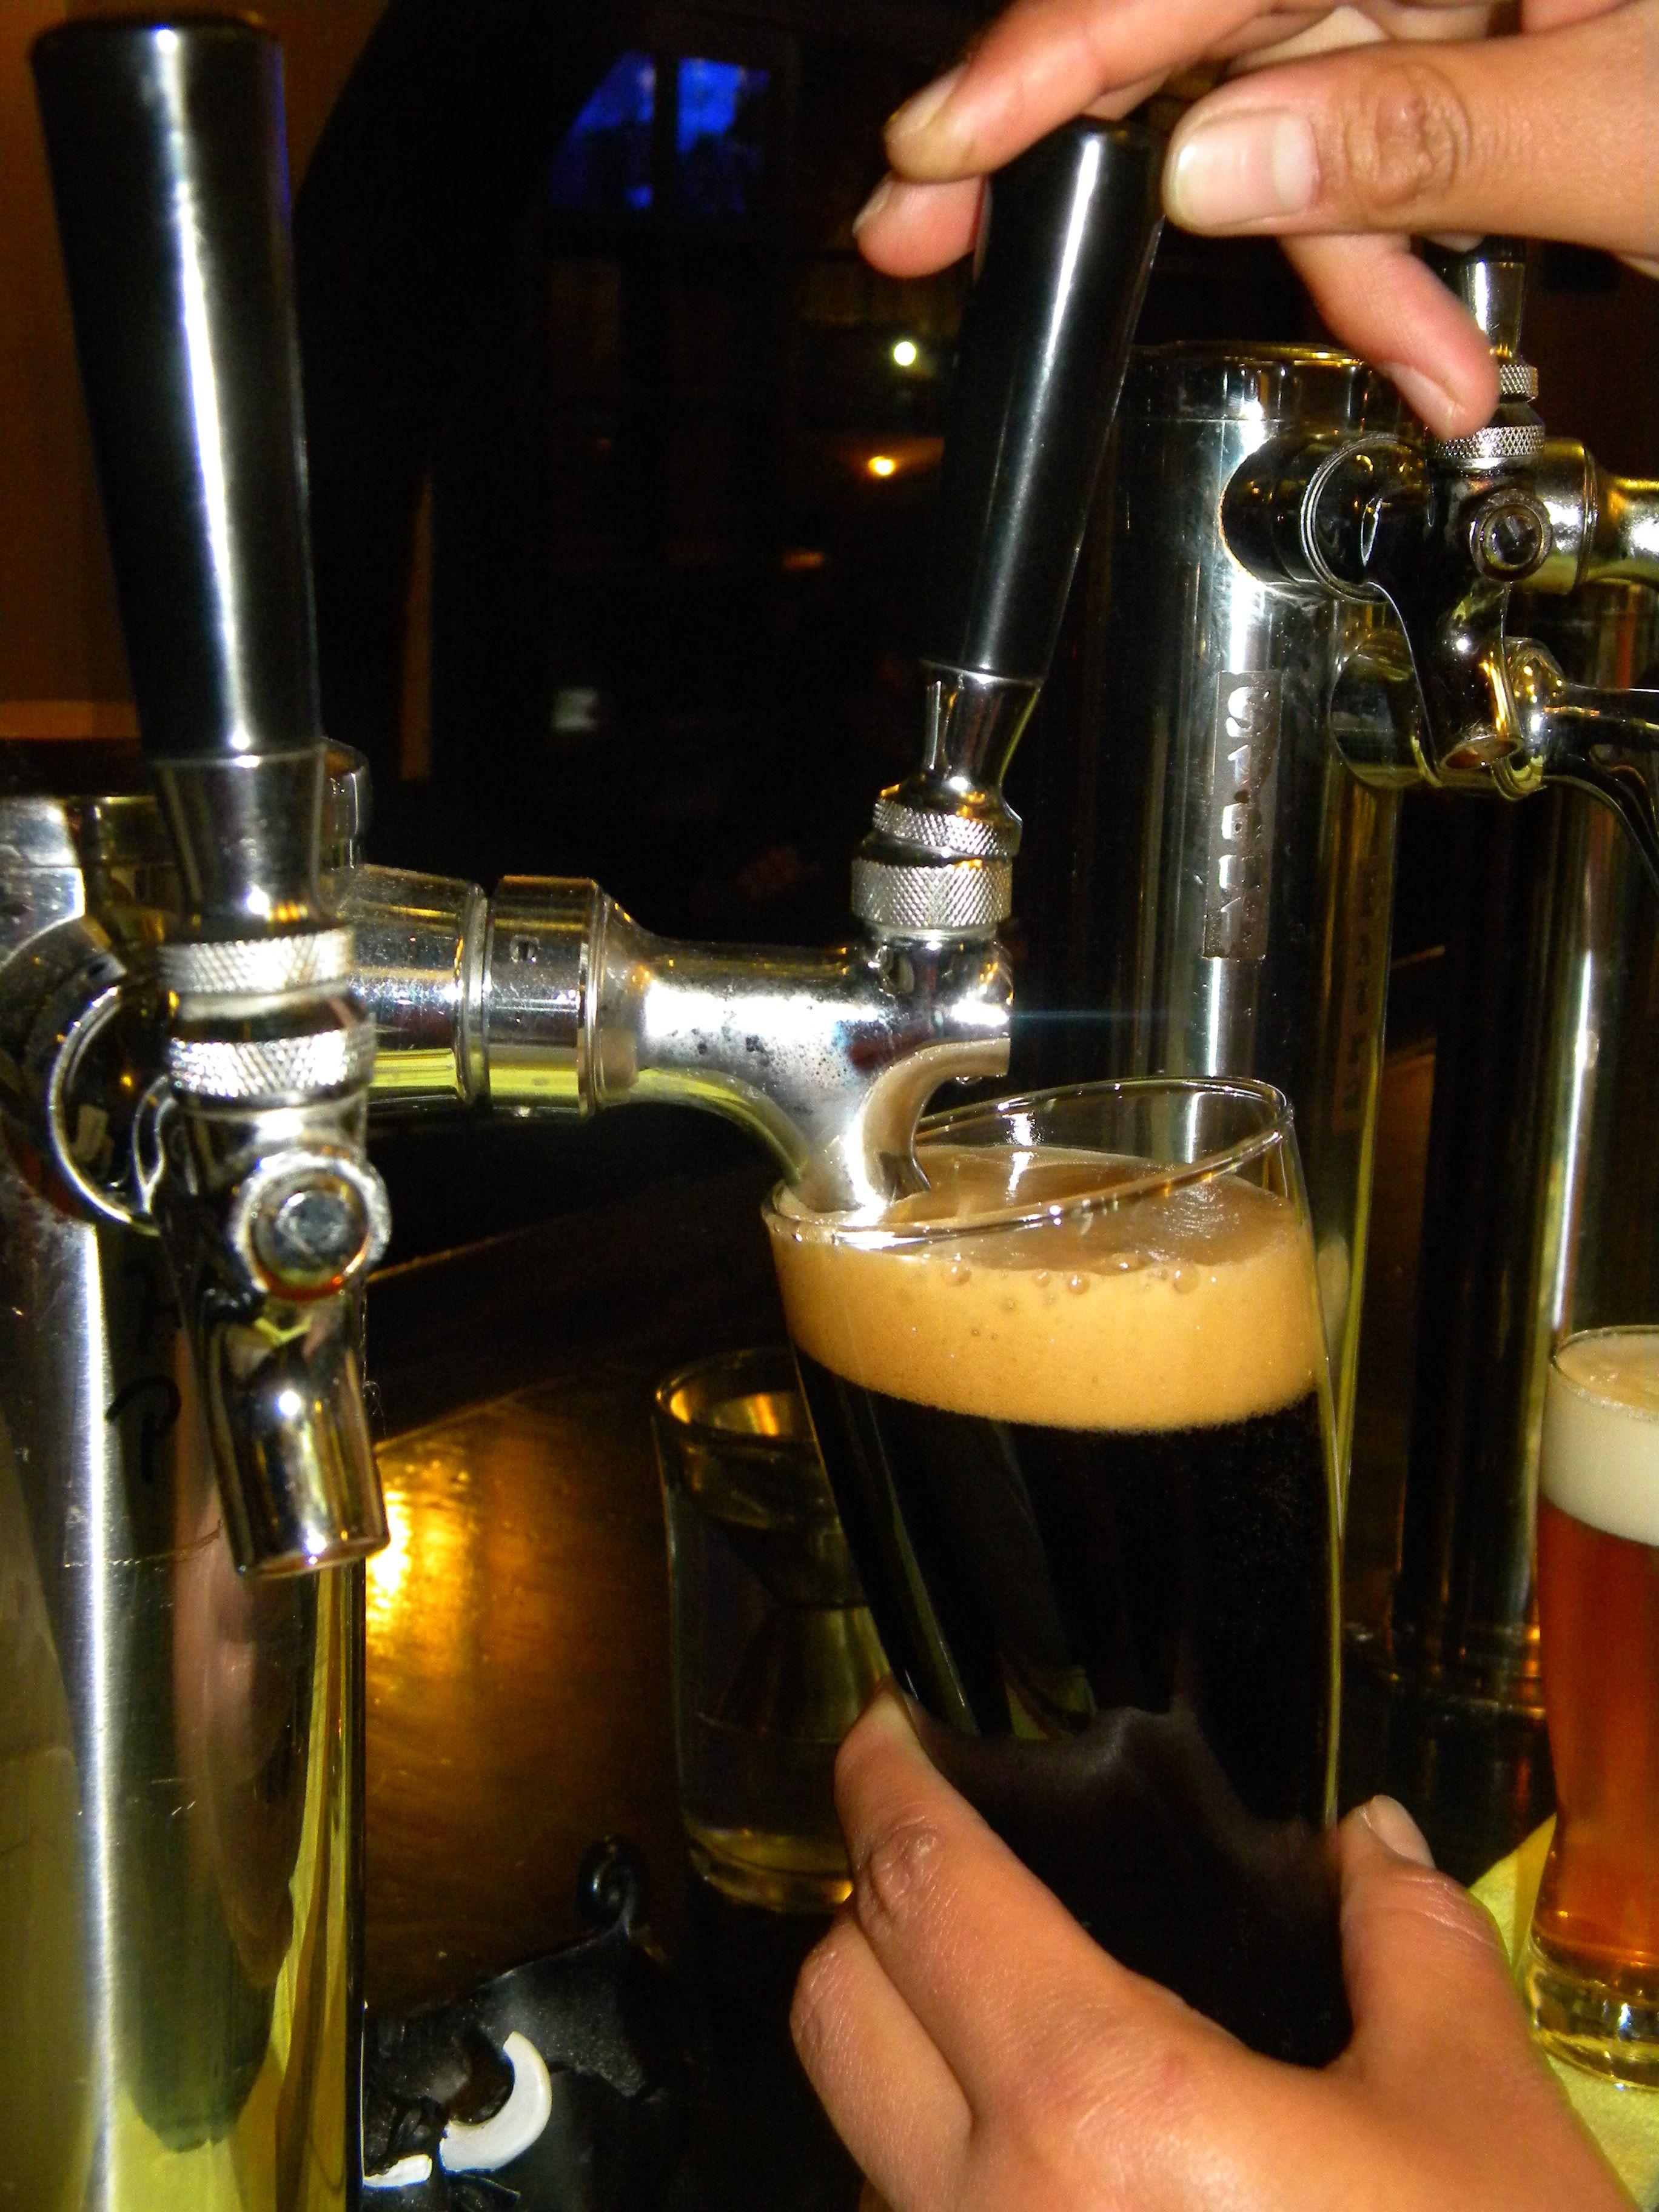 La fiesta de los tréboles y la cerveza negra